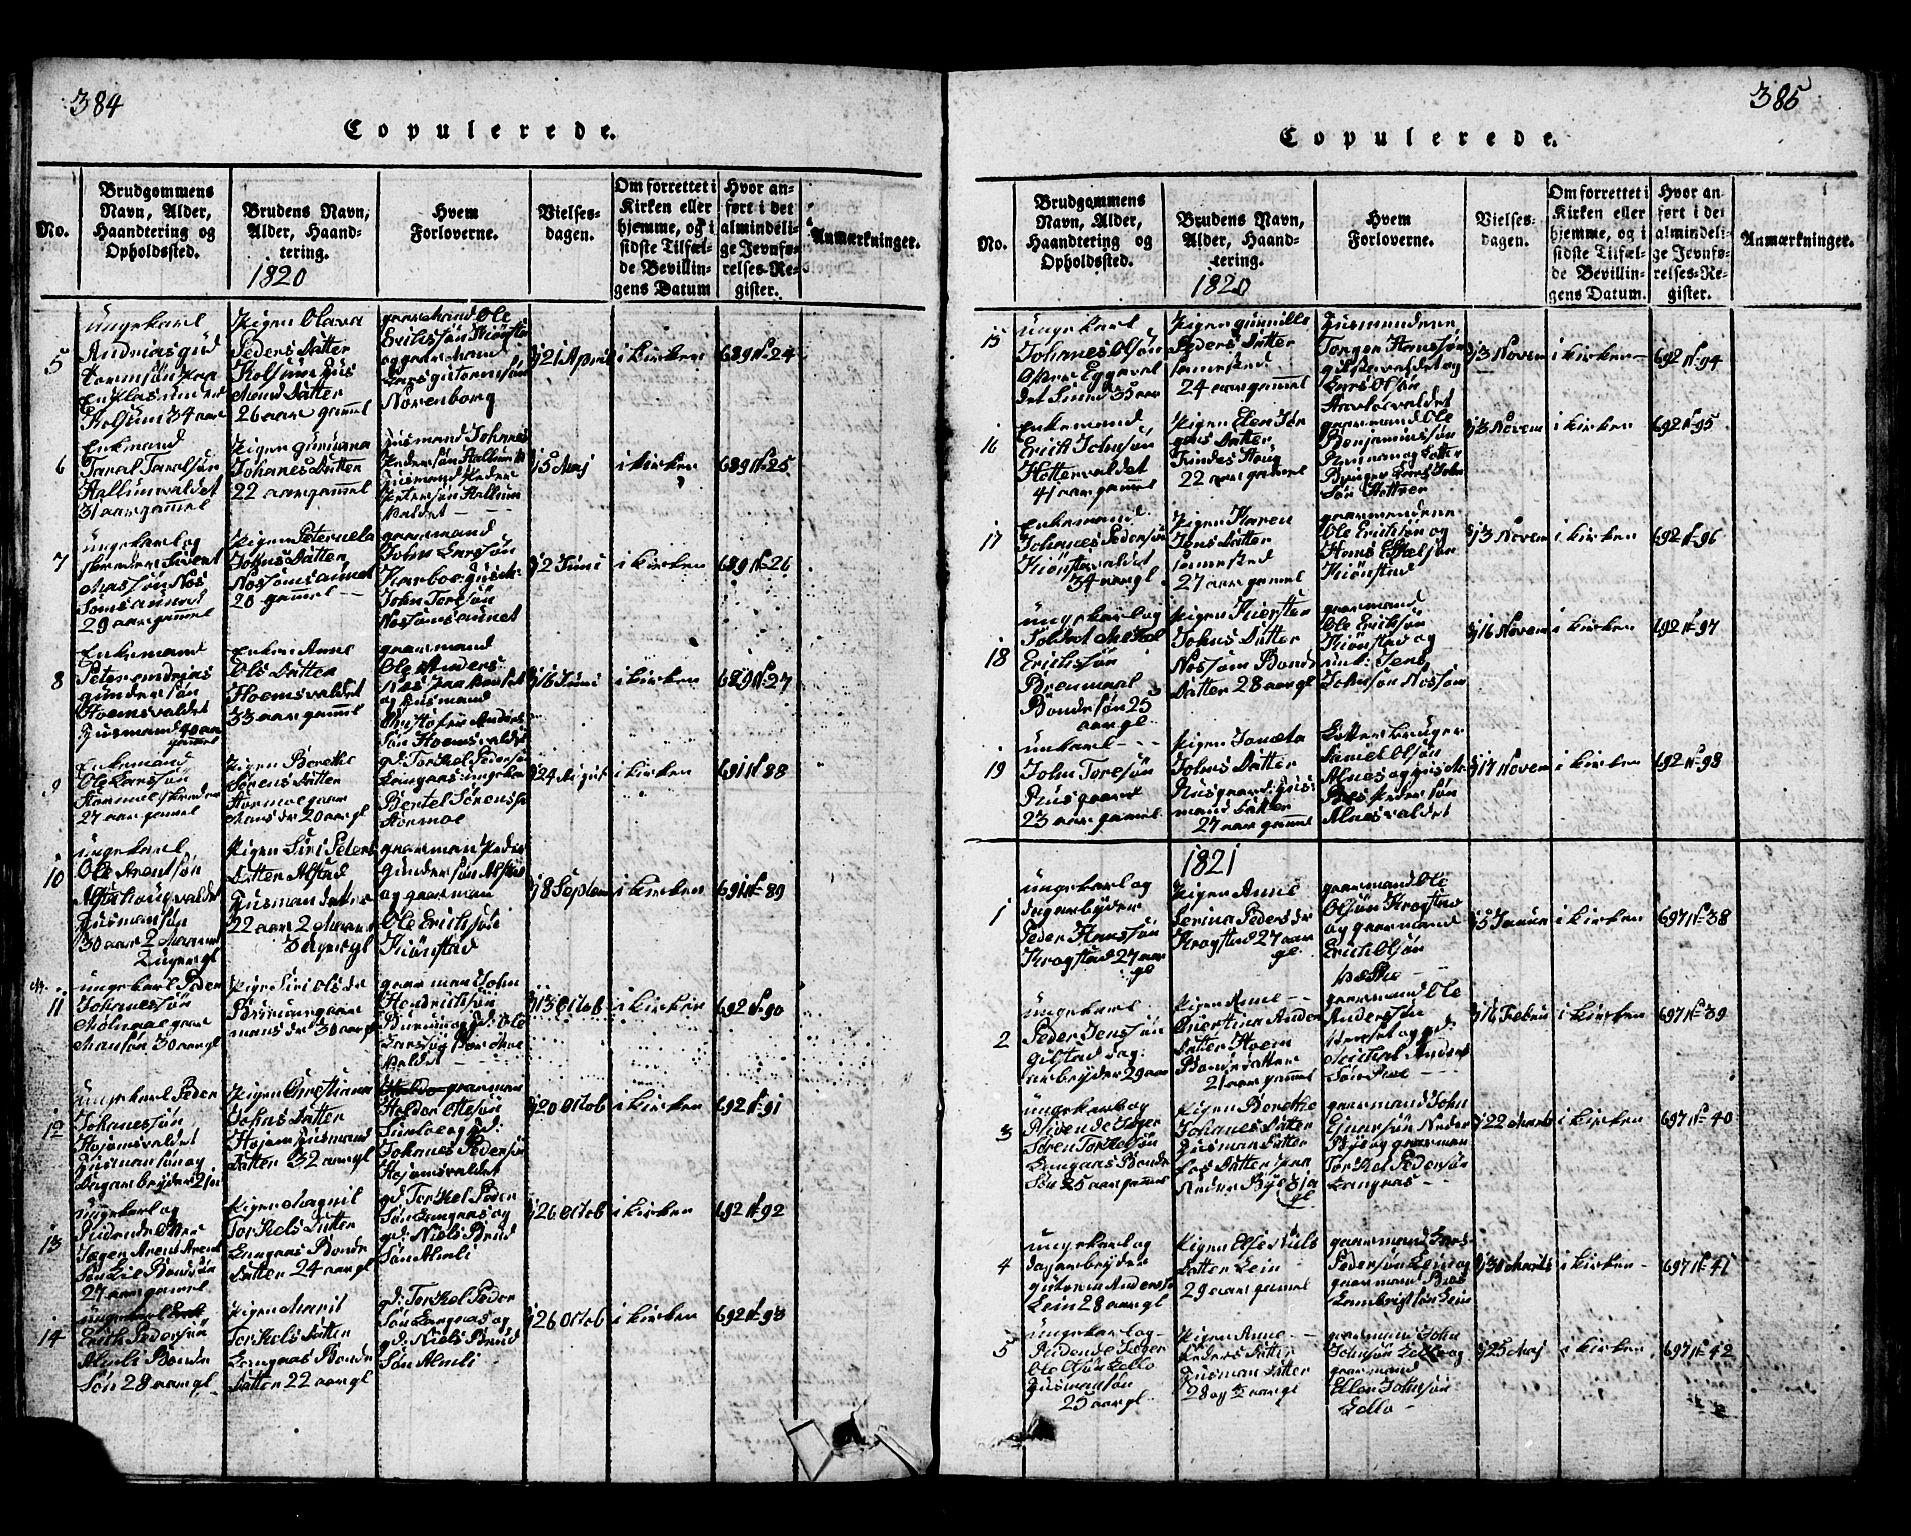 SAT, Ministerialprotokoller, klokkerbøker og fødselsregistre - Nord-Trøndelag, 717/L0169: Klokkerbok nr. 717C01, 1816-1834, s. 384-385